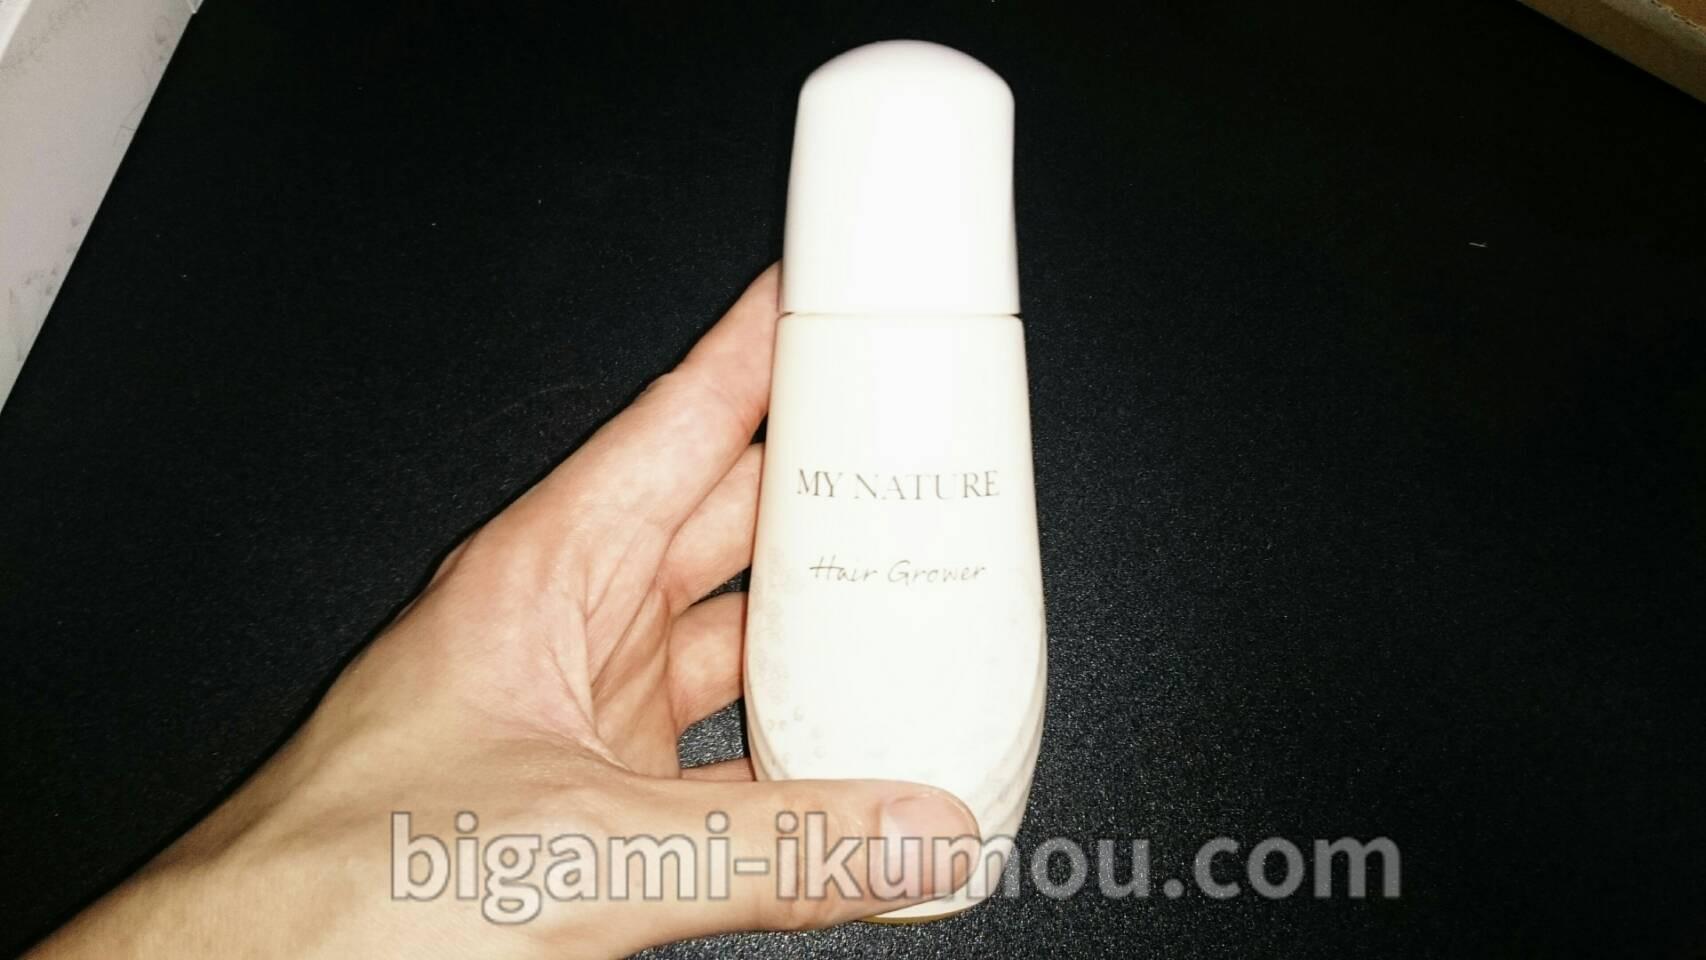 ベルタ育毛剤とマイナチュレの比較【使用感】・ボトルで鮮度